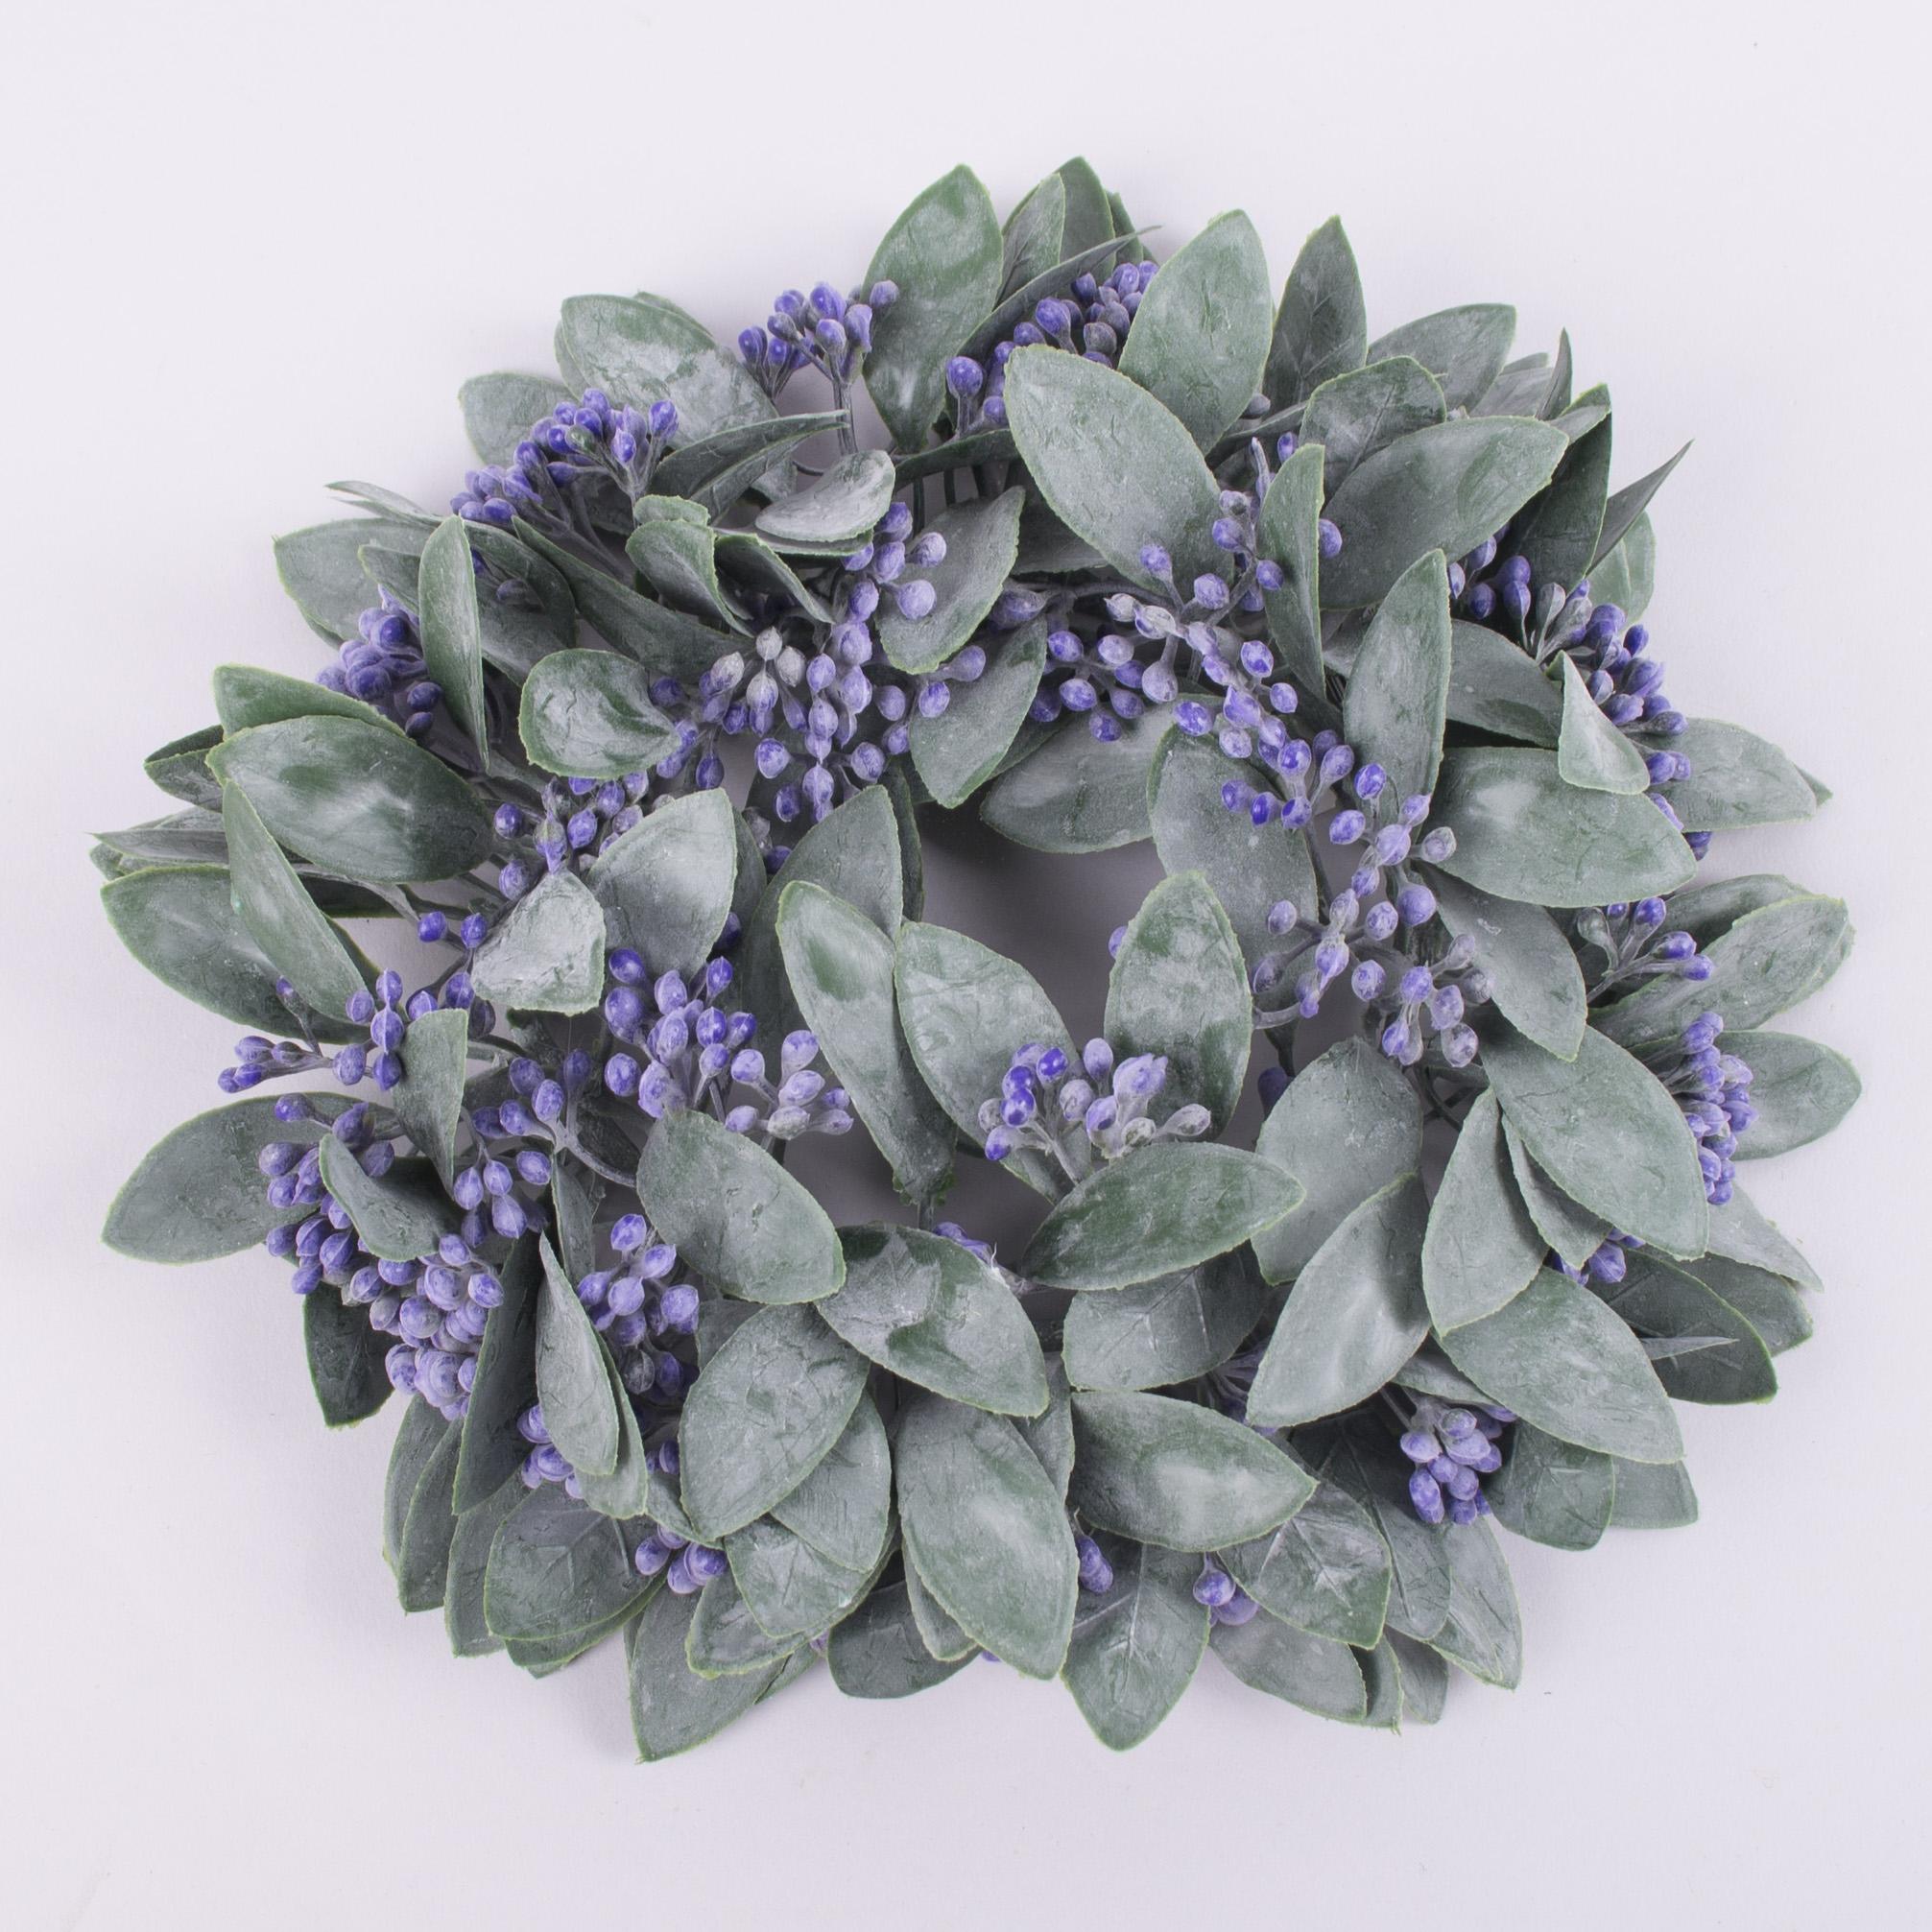 венок из травы каланхоэ фиолетовый